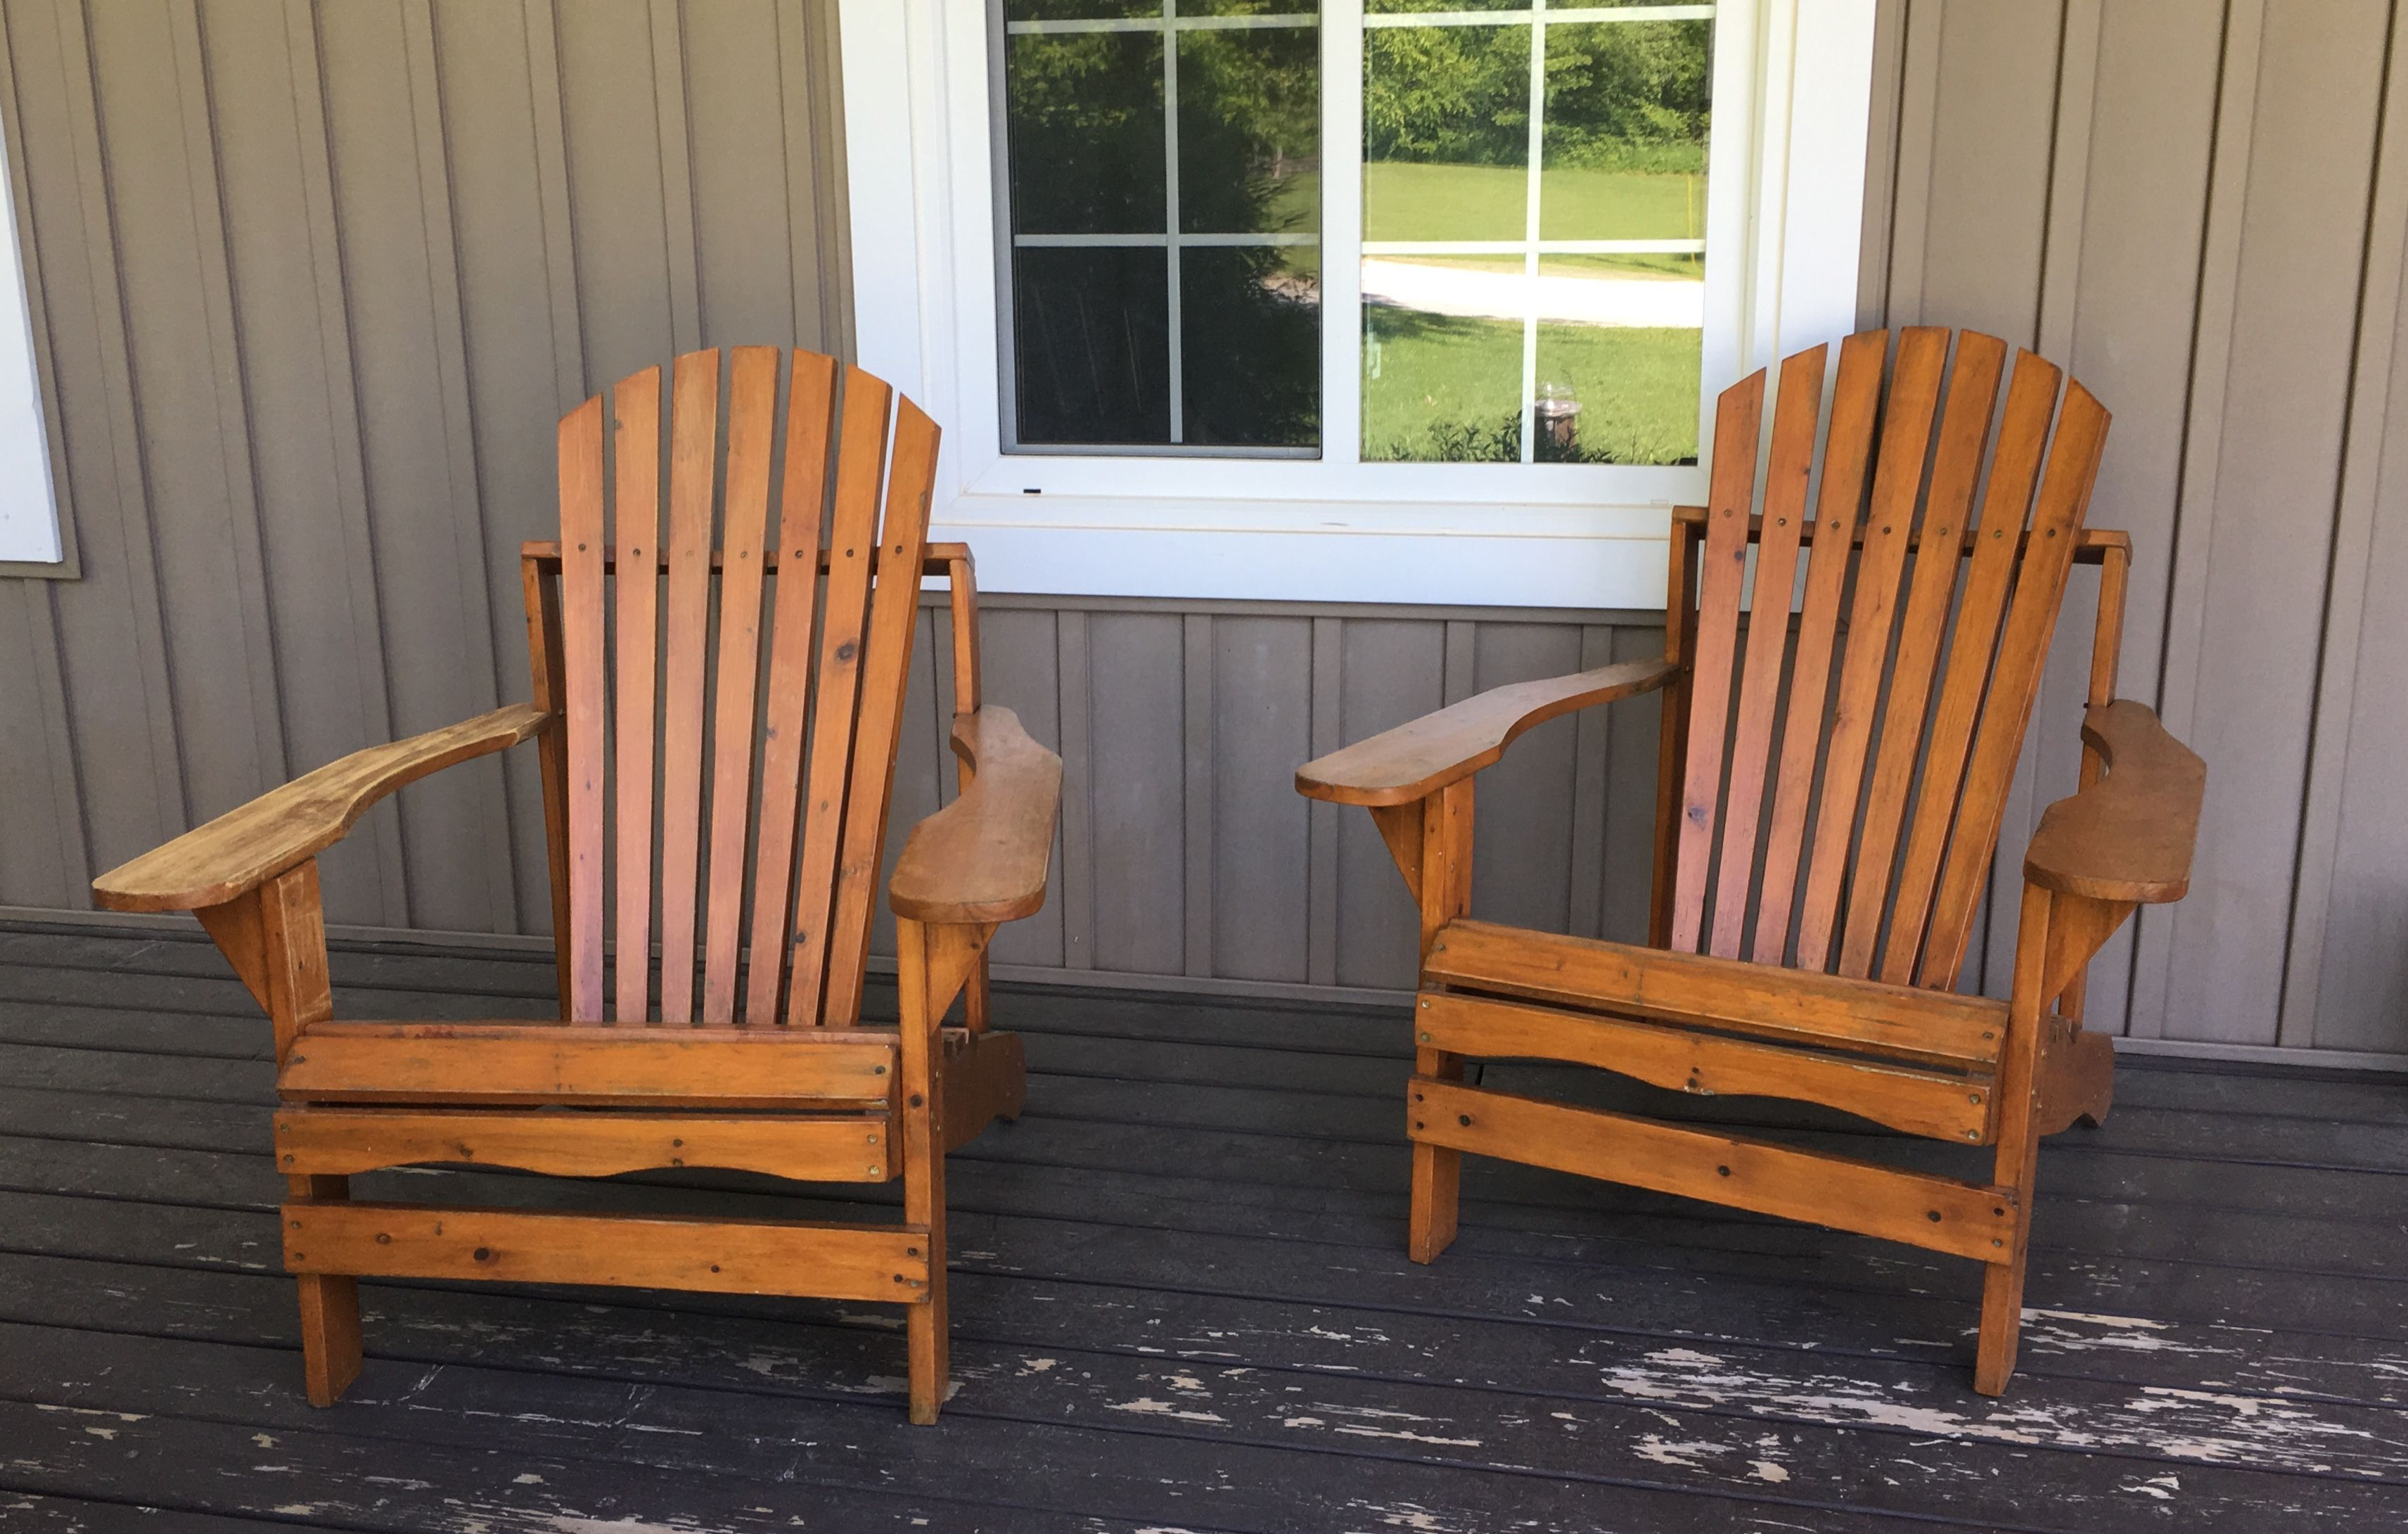 Muskoka Chairs Paid 20/ each Muskoka chair